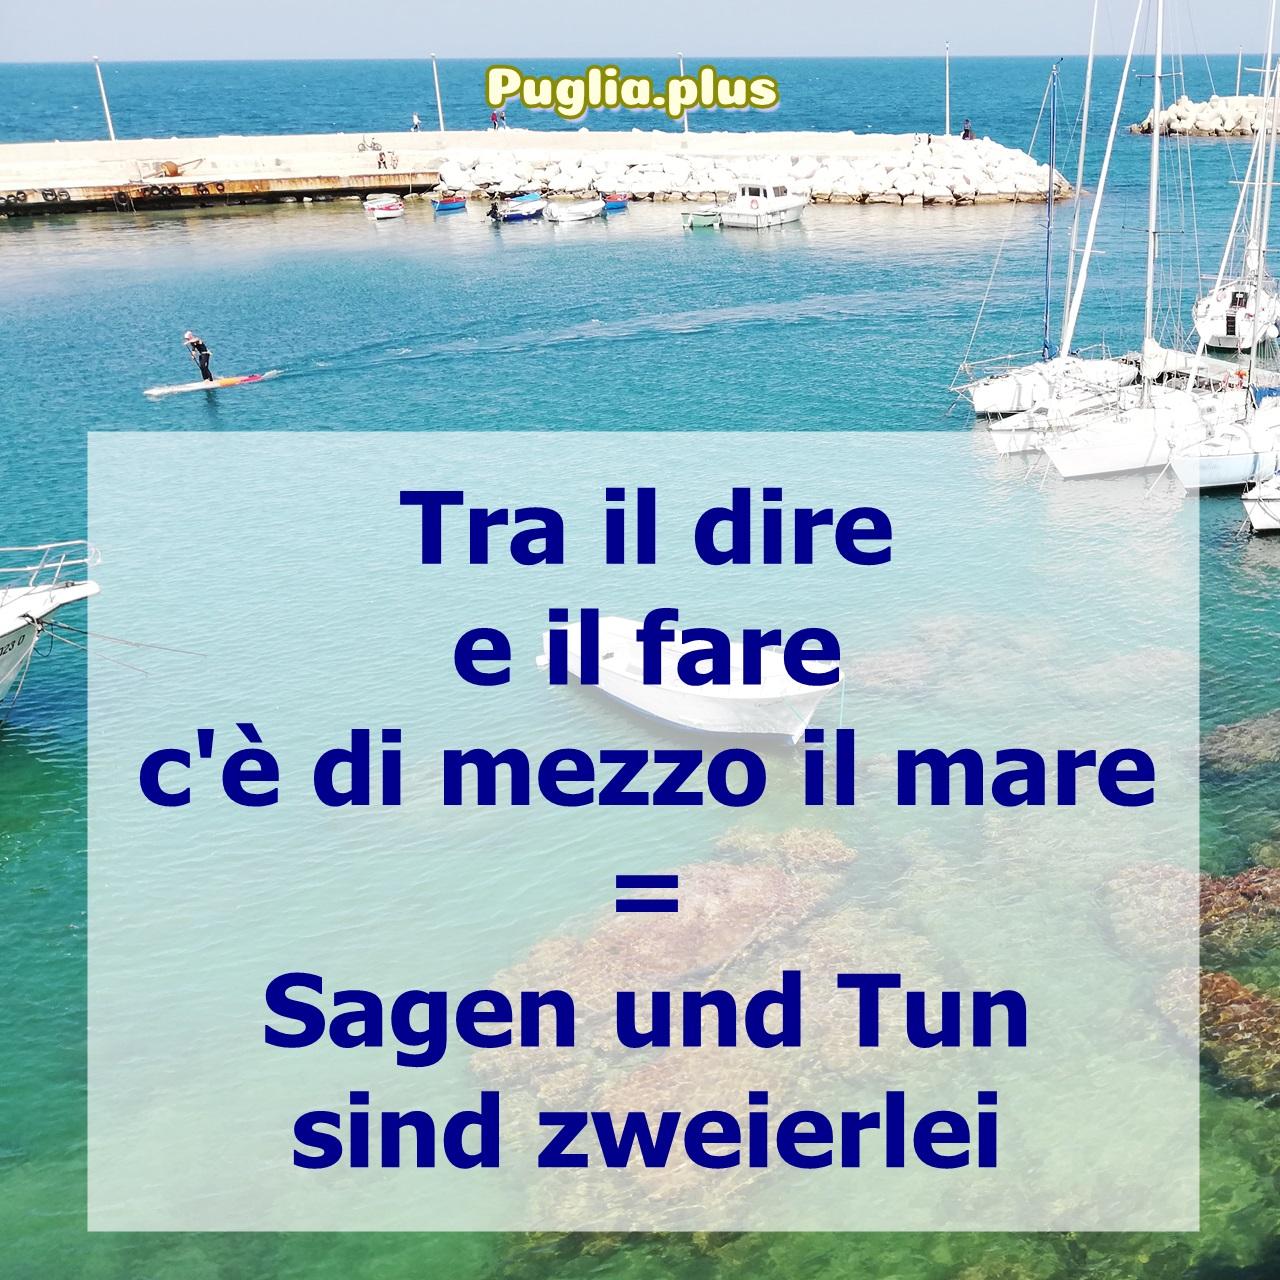 italienische Redewendung Meer